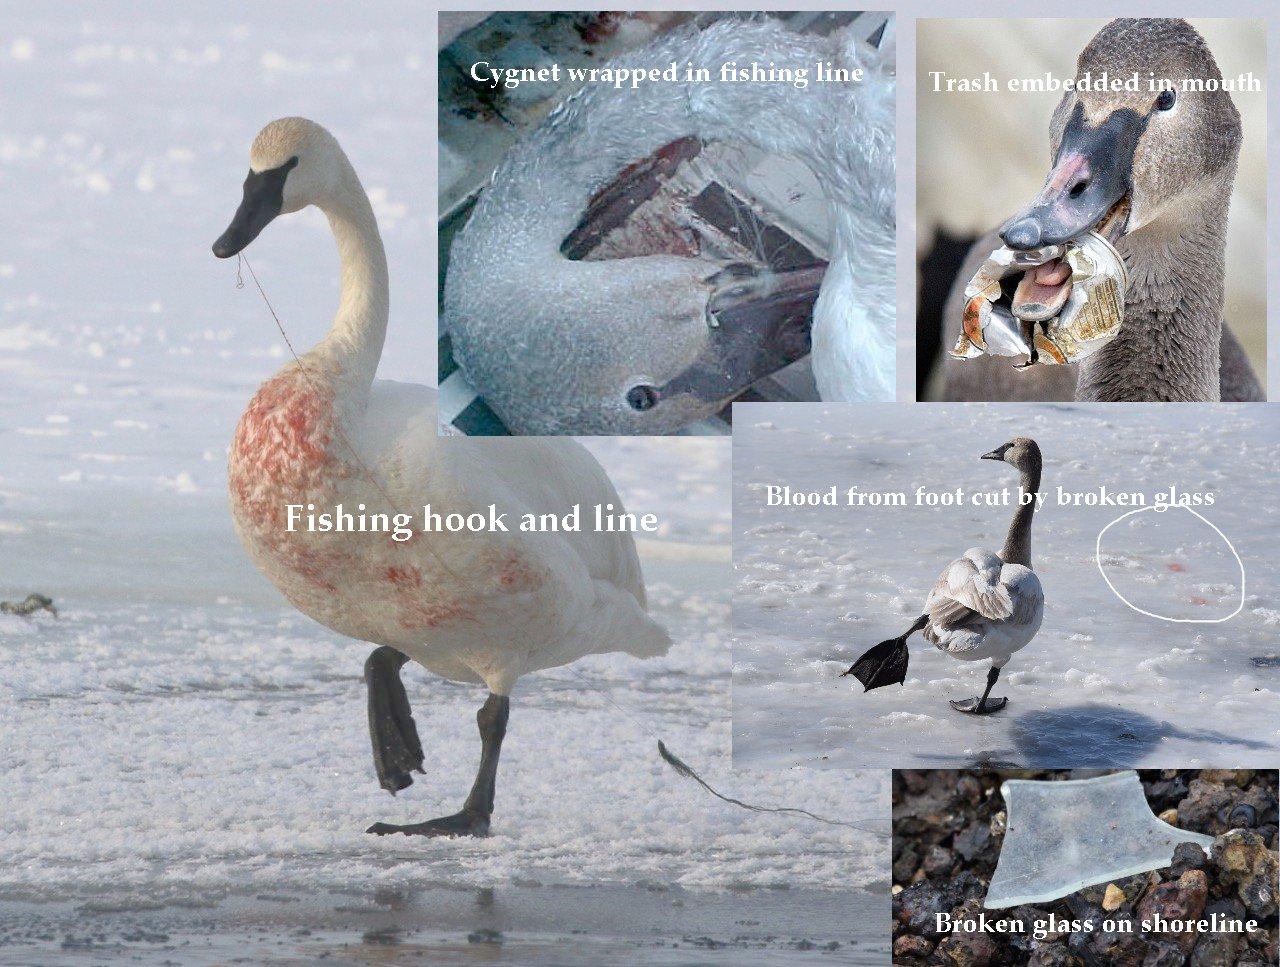 Swan injuries